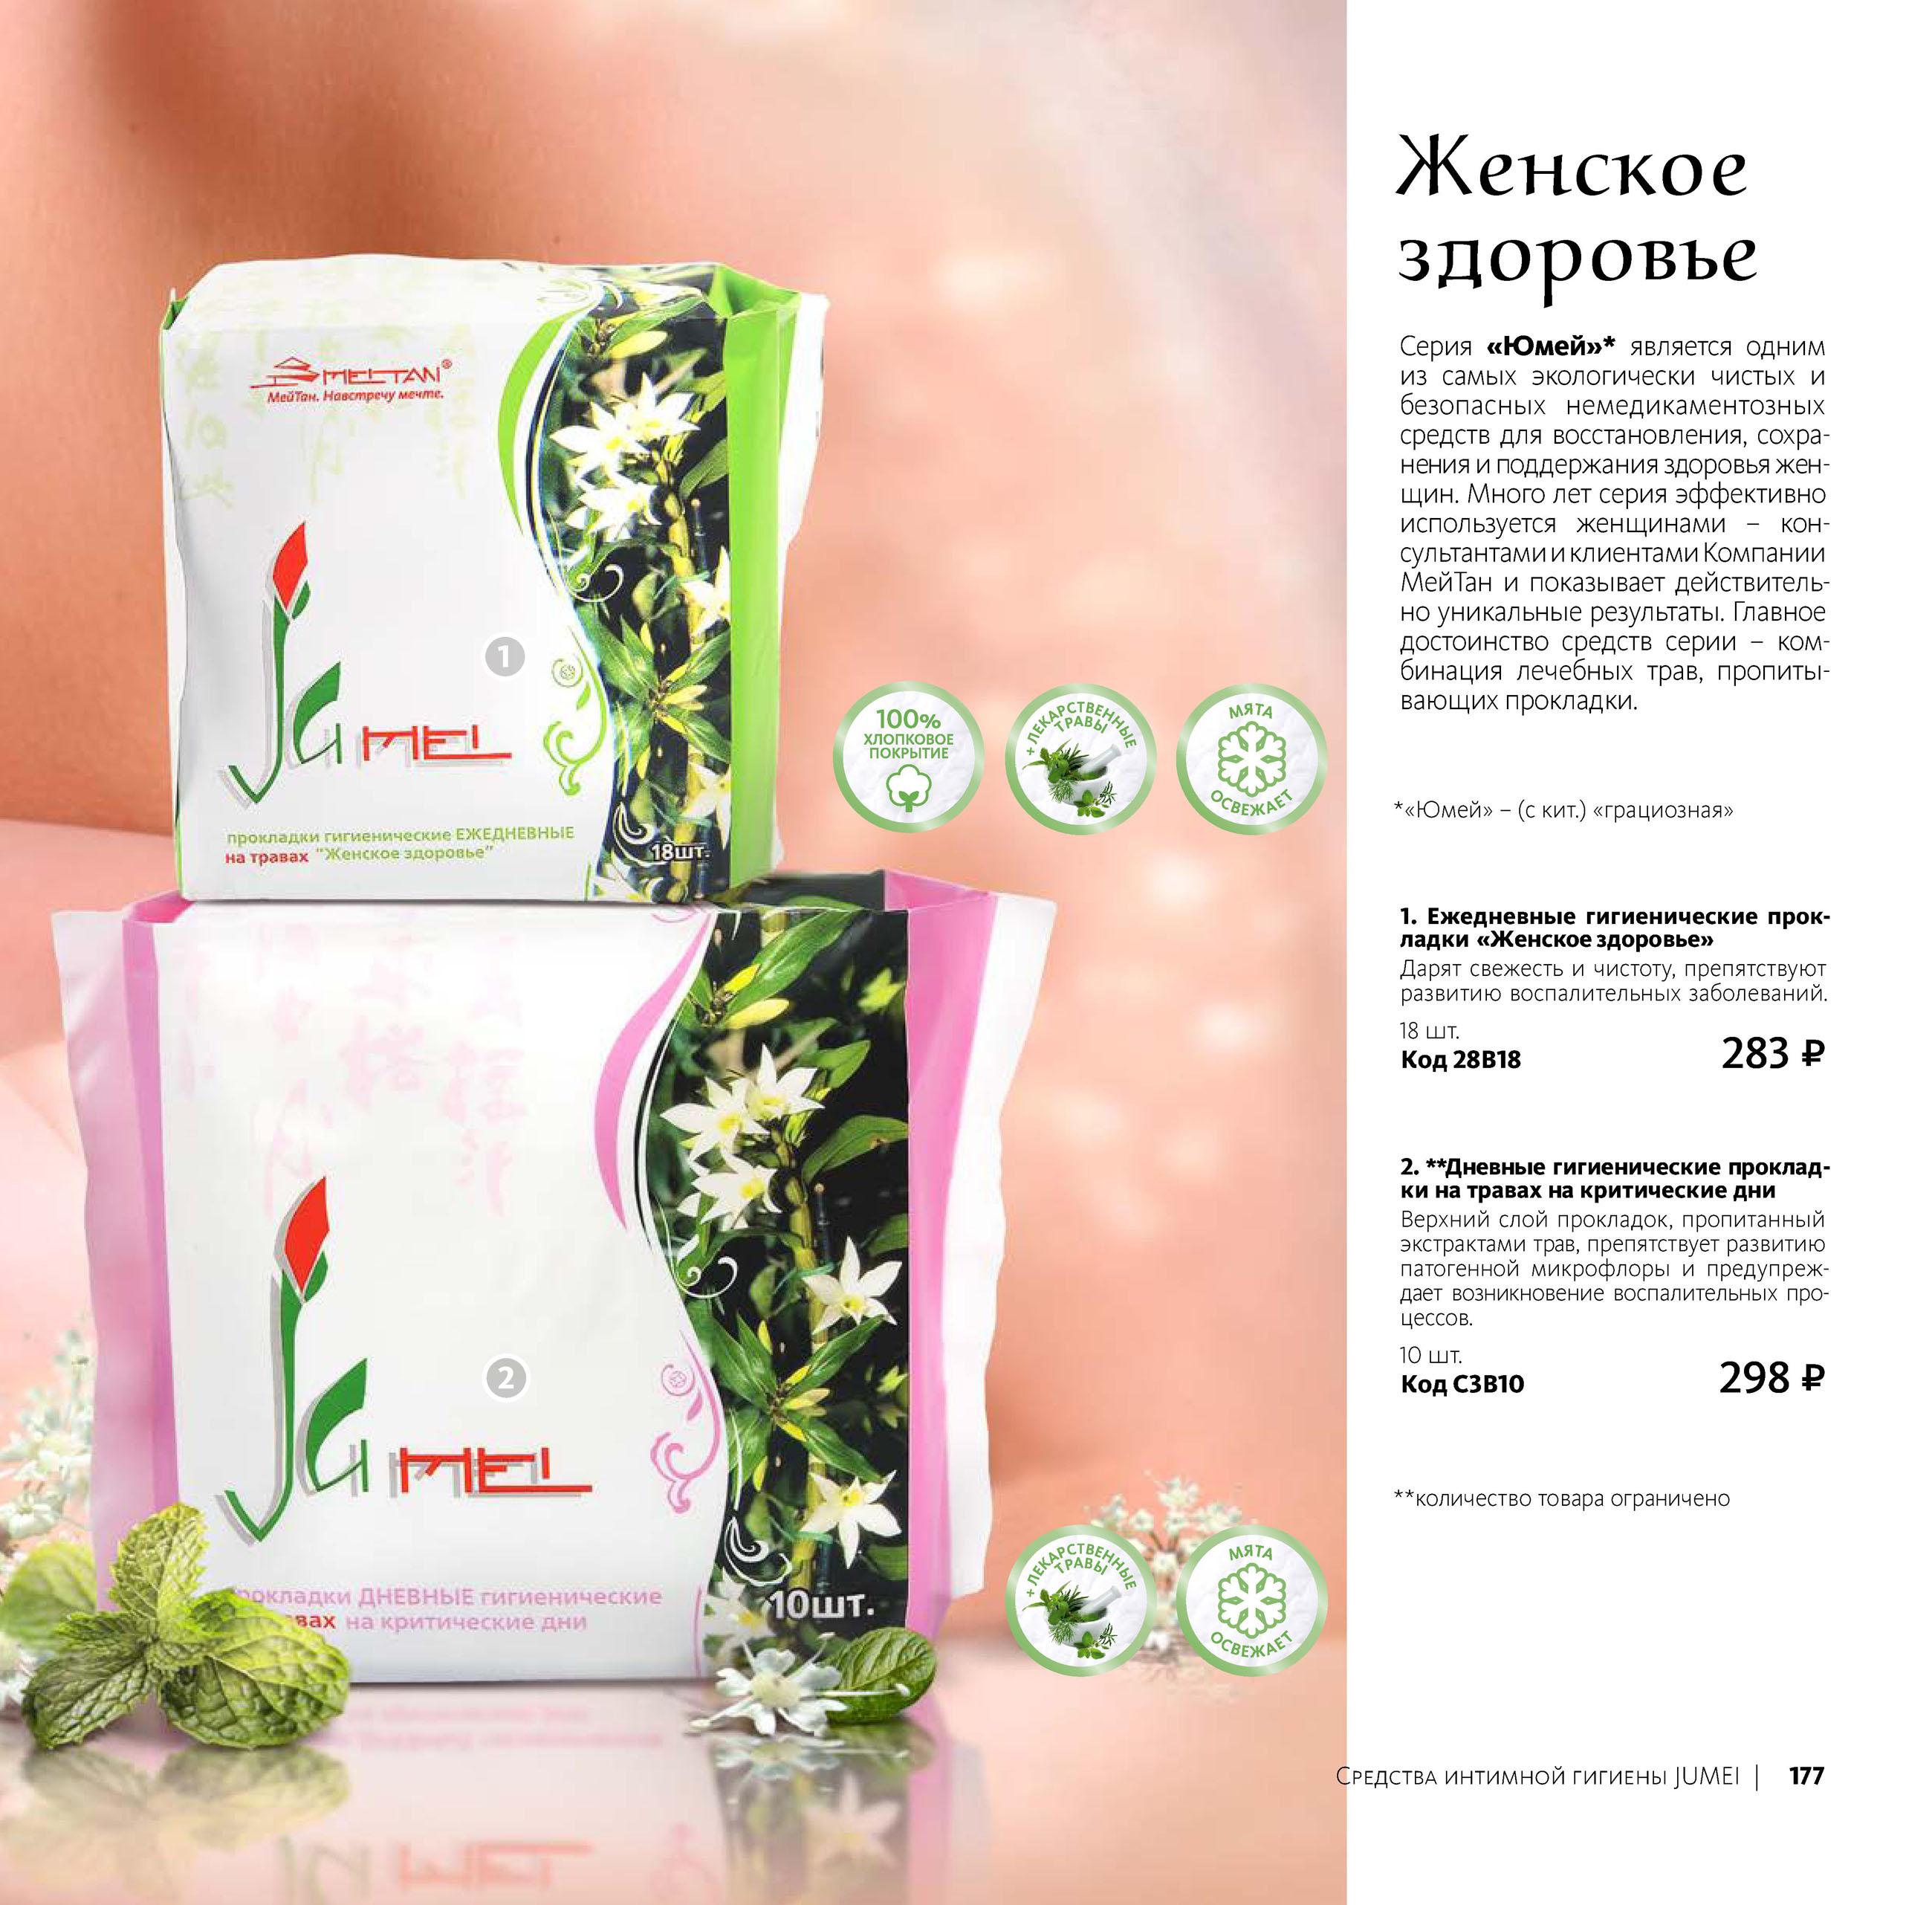 Косметика фирмы мейтан купить купить белорусскую косметику оптом дешево